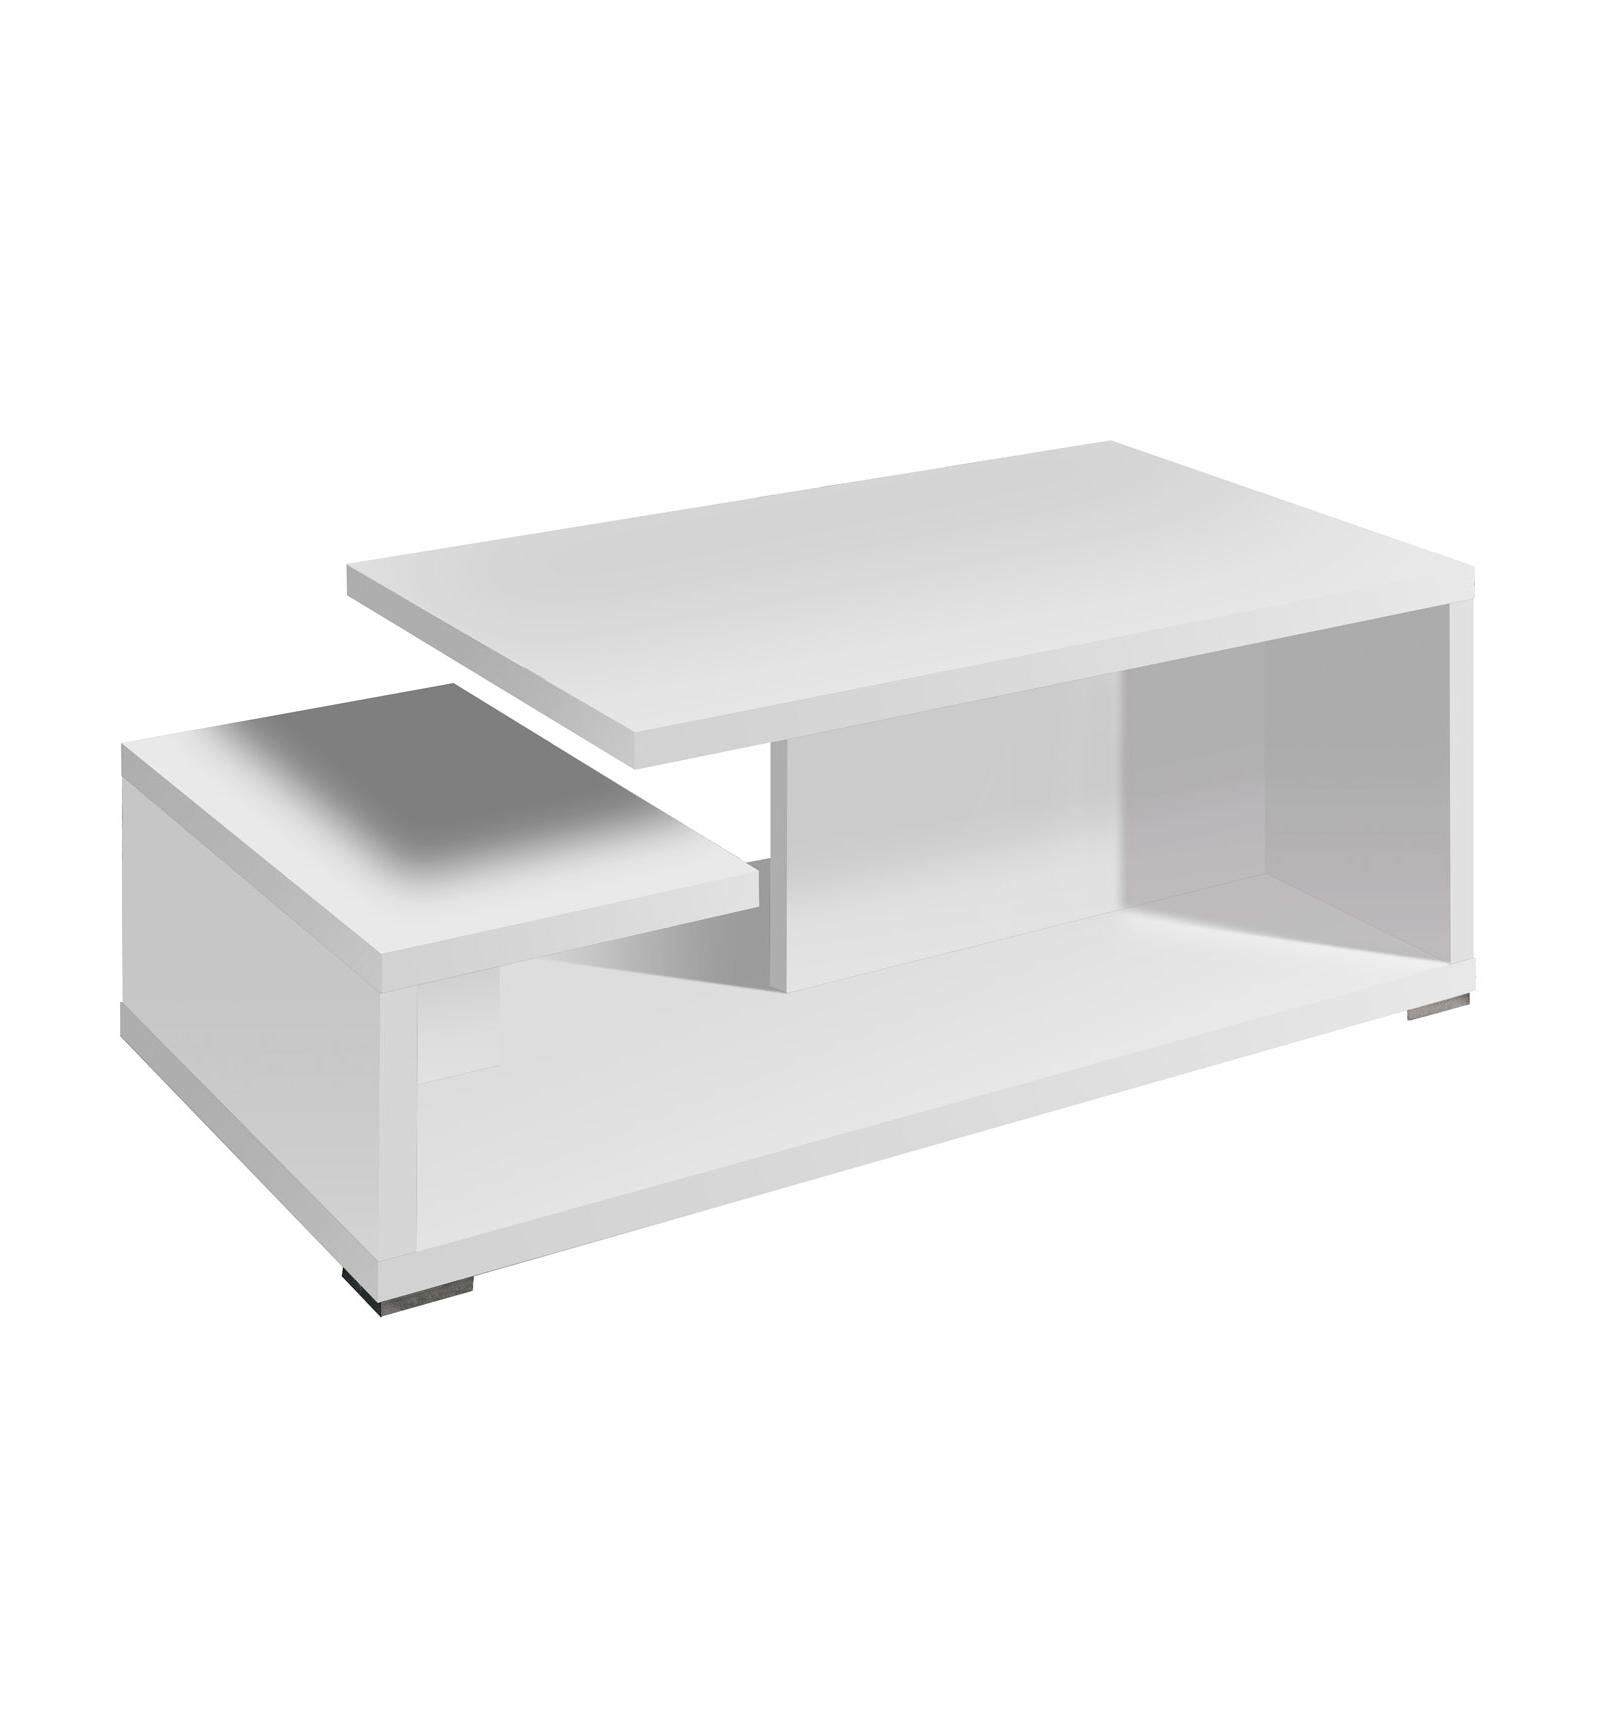 moderner tisch. Black Bedroom Furniture Sets. Home Design Ideas